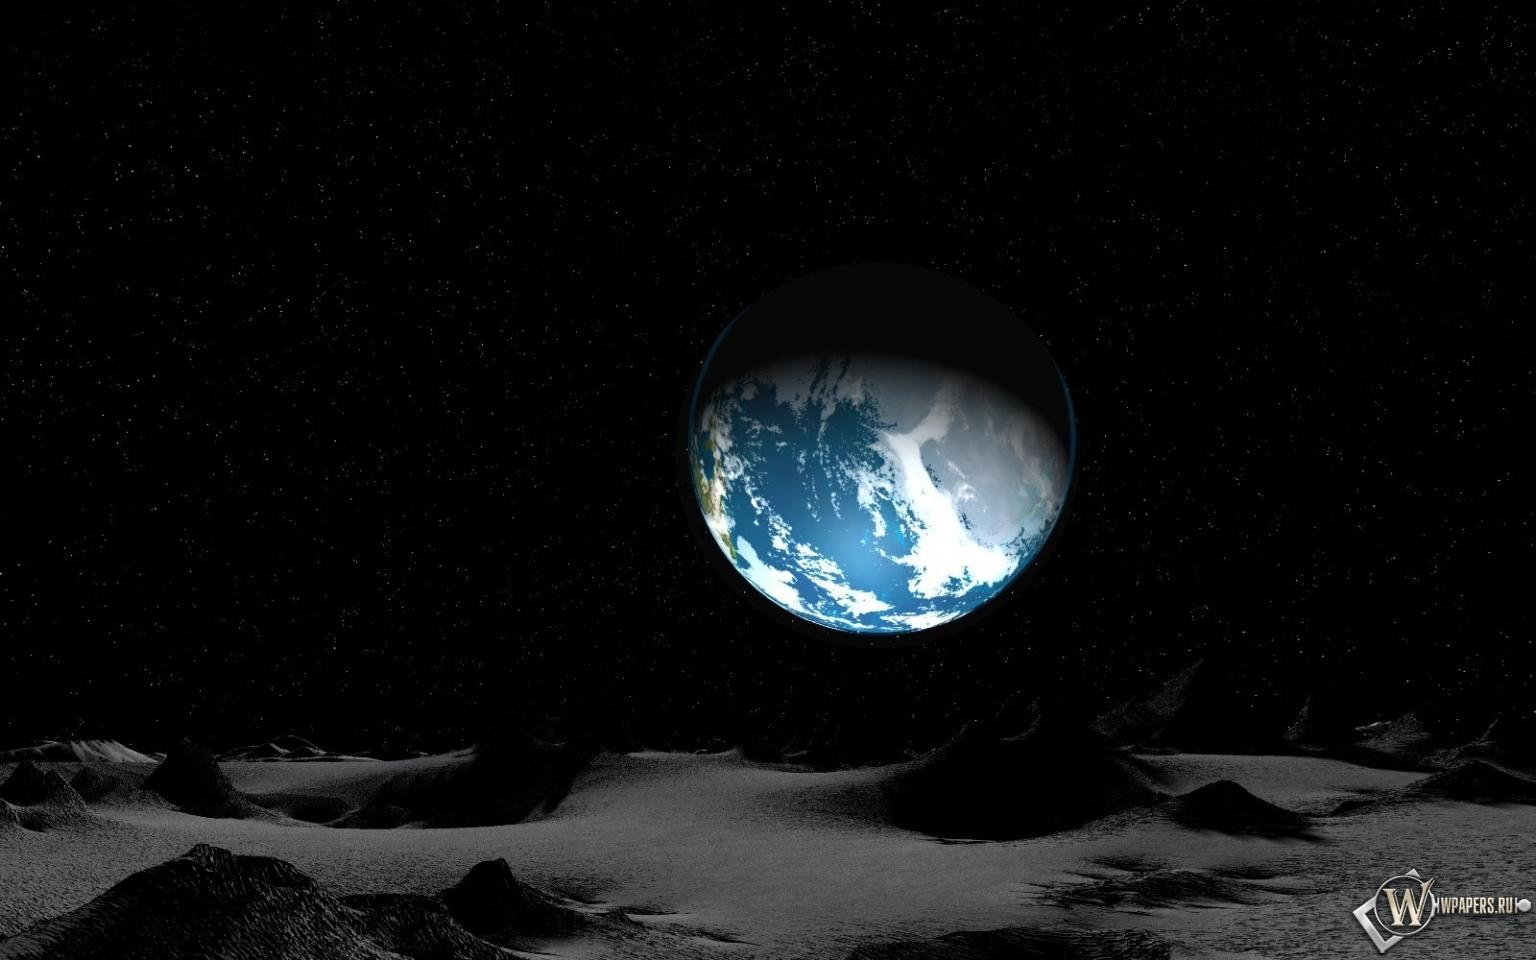 Земля с луны 1536x960